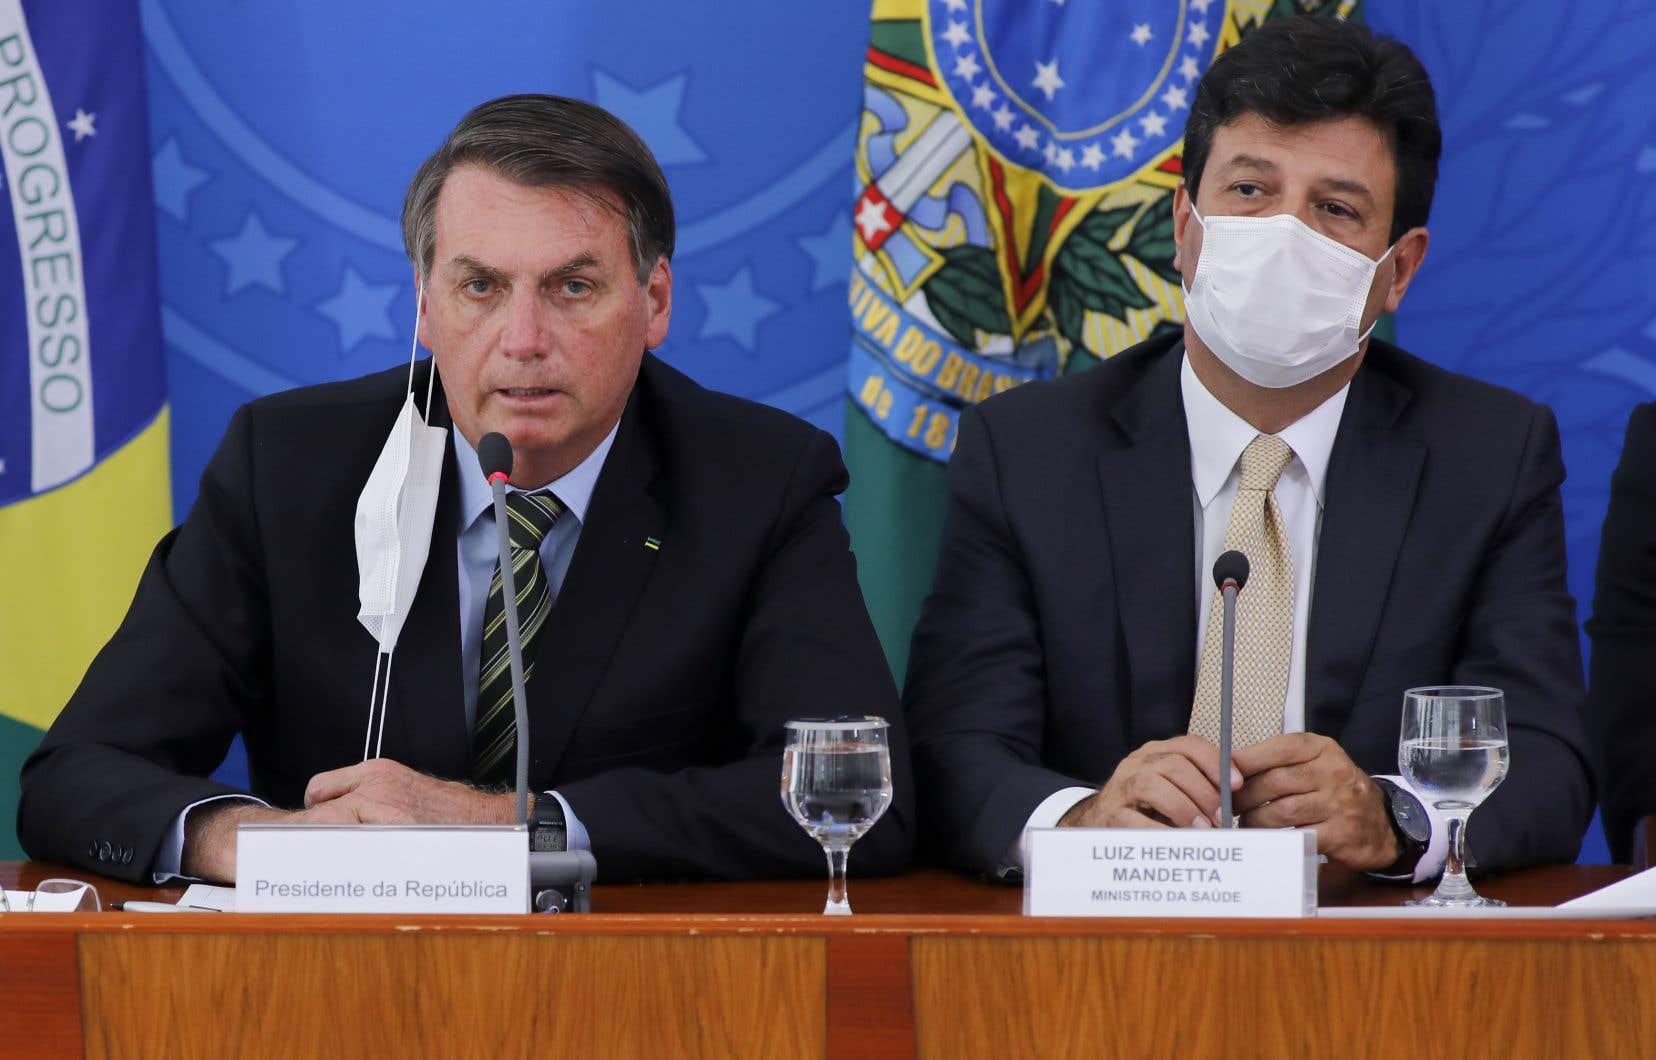 Le ministre de la Santé, Luiz Henrique Mandetta, qui prône la distanciation sociale et le confinement, est en total désaccord avec Jair Bolsonaro qui a souvent décrié «l'hystérie» autour d'«une petite grippe» et prôné le retour au travail des Brésiliens, pour sauvegarder l'économie.